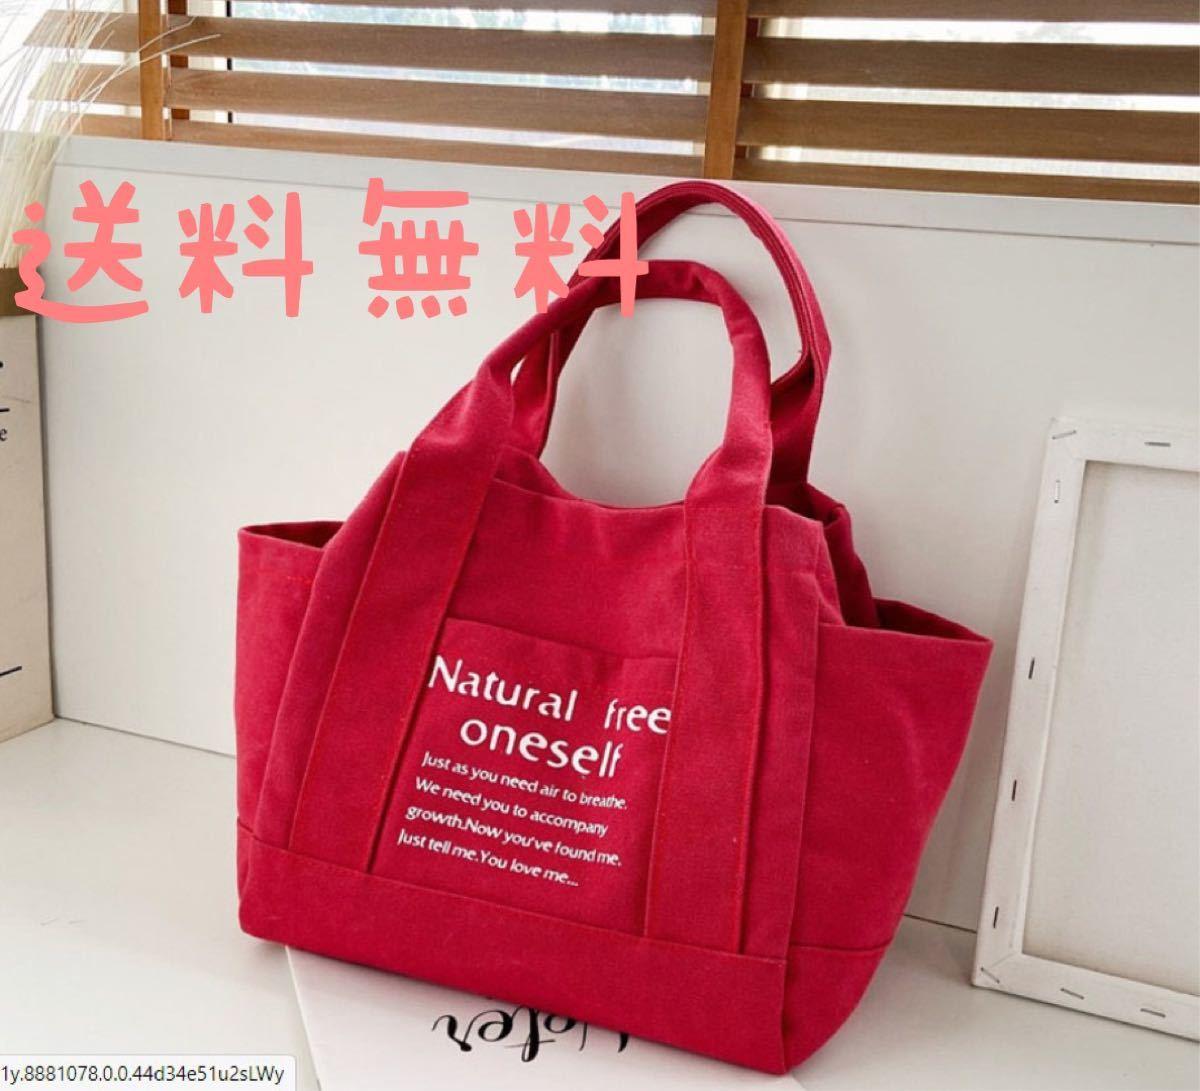 マザーズバッグ トートバッグ エコバッグ ベジータバッグ キャンパスバッグ おしゃれ 人気 便利 使いやすい